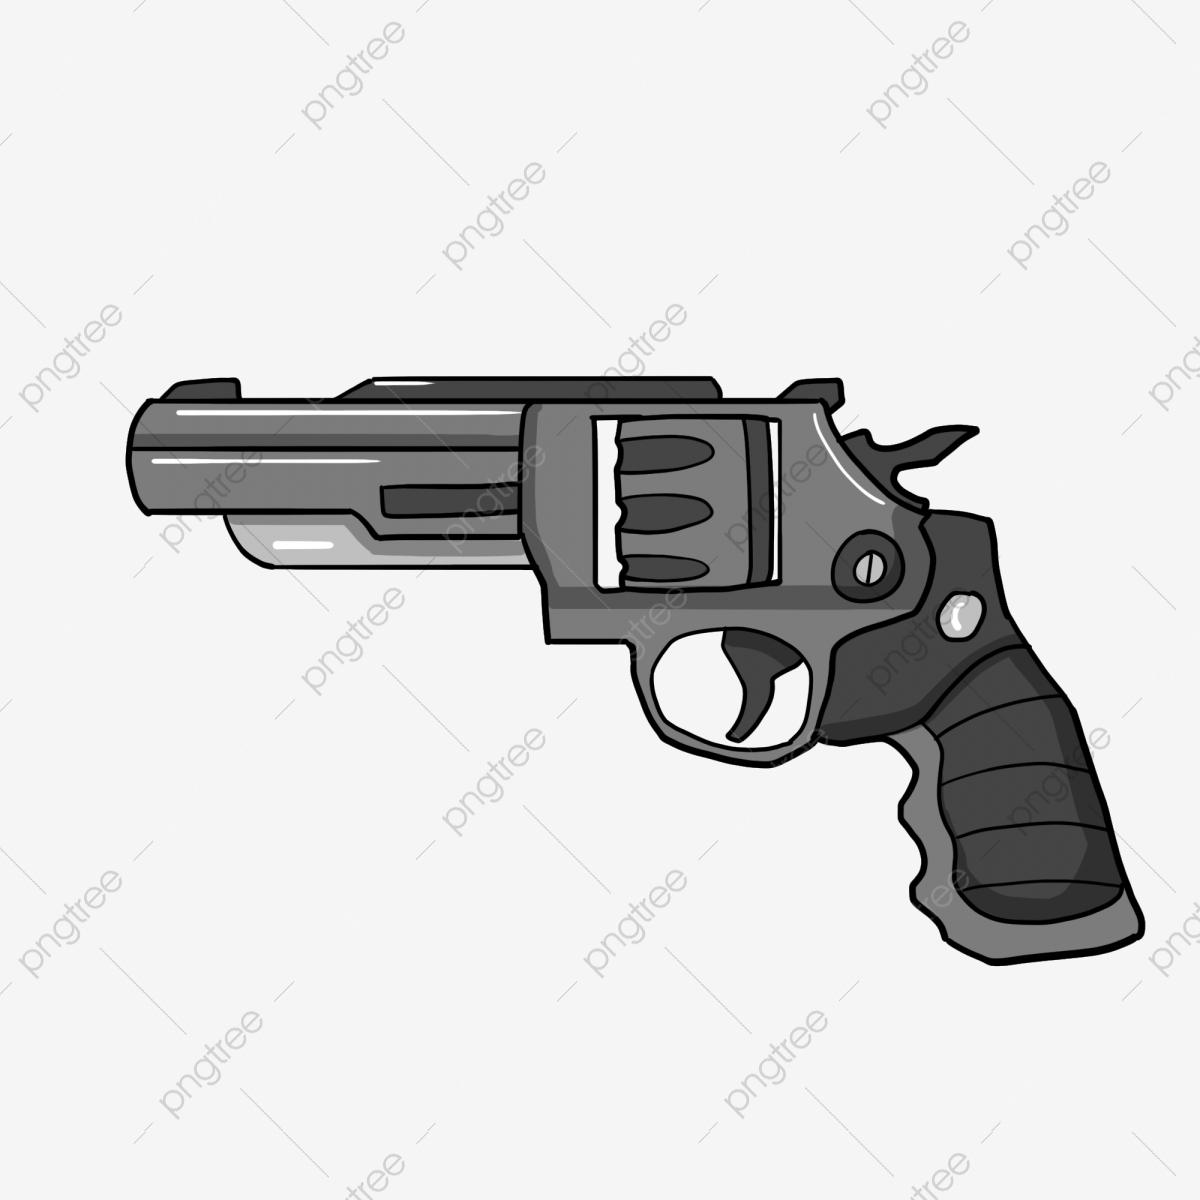 Revolver Pistolet Pistolet De Dessin Animé Arme Arme, Armes intérieur Comment Dessiner Un Fusil